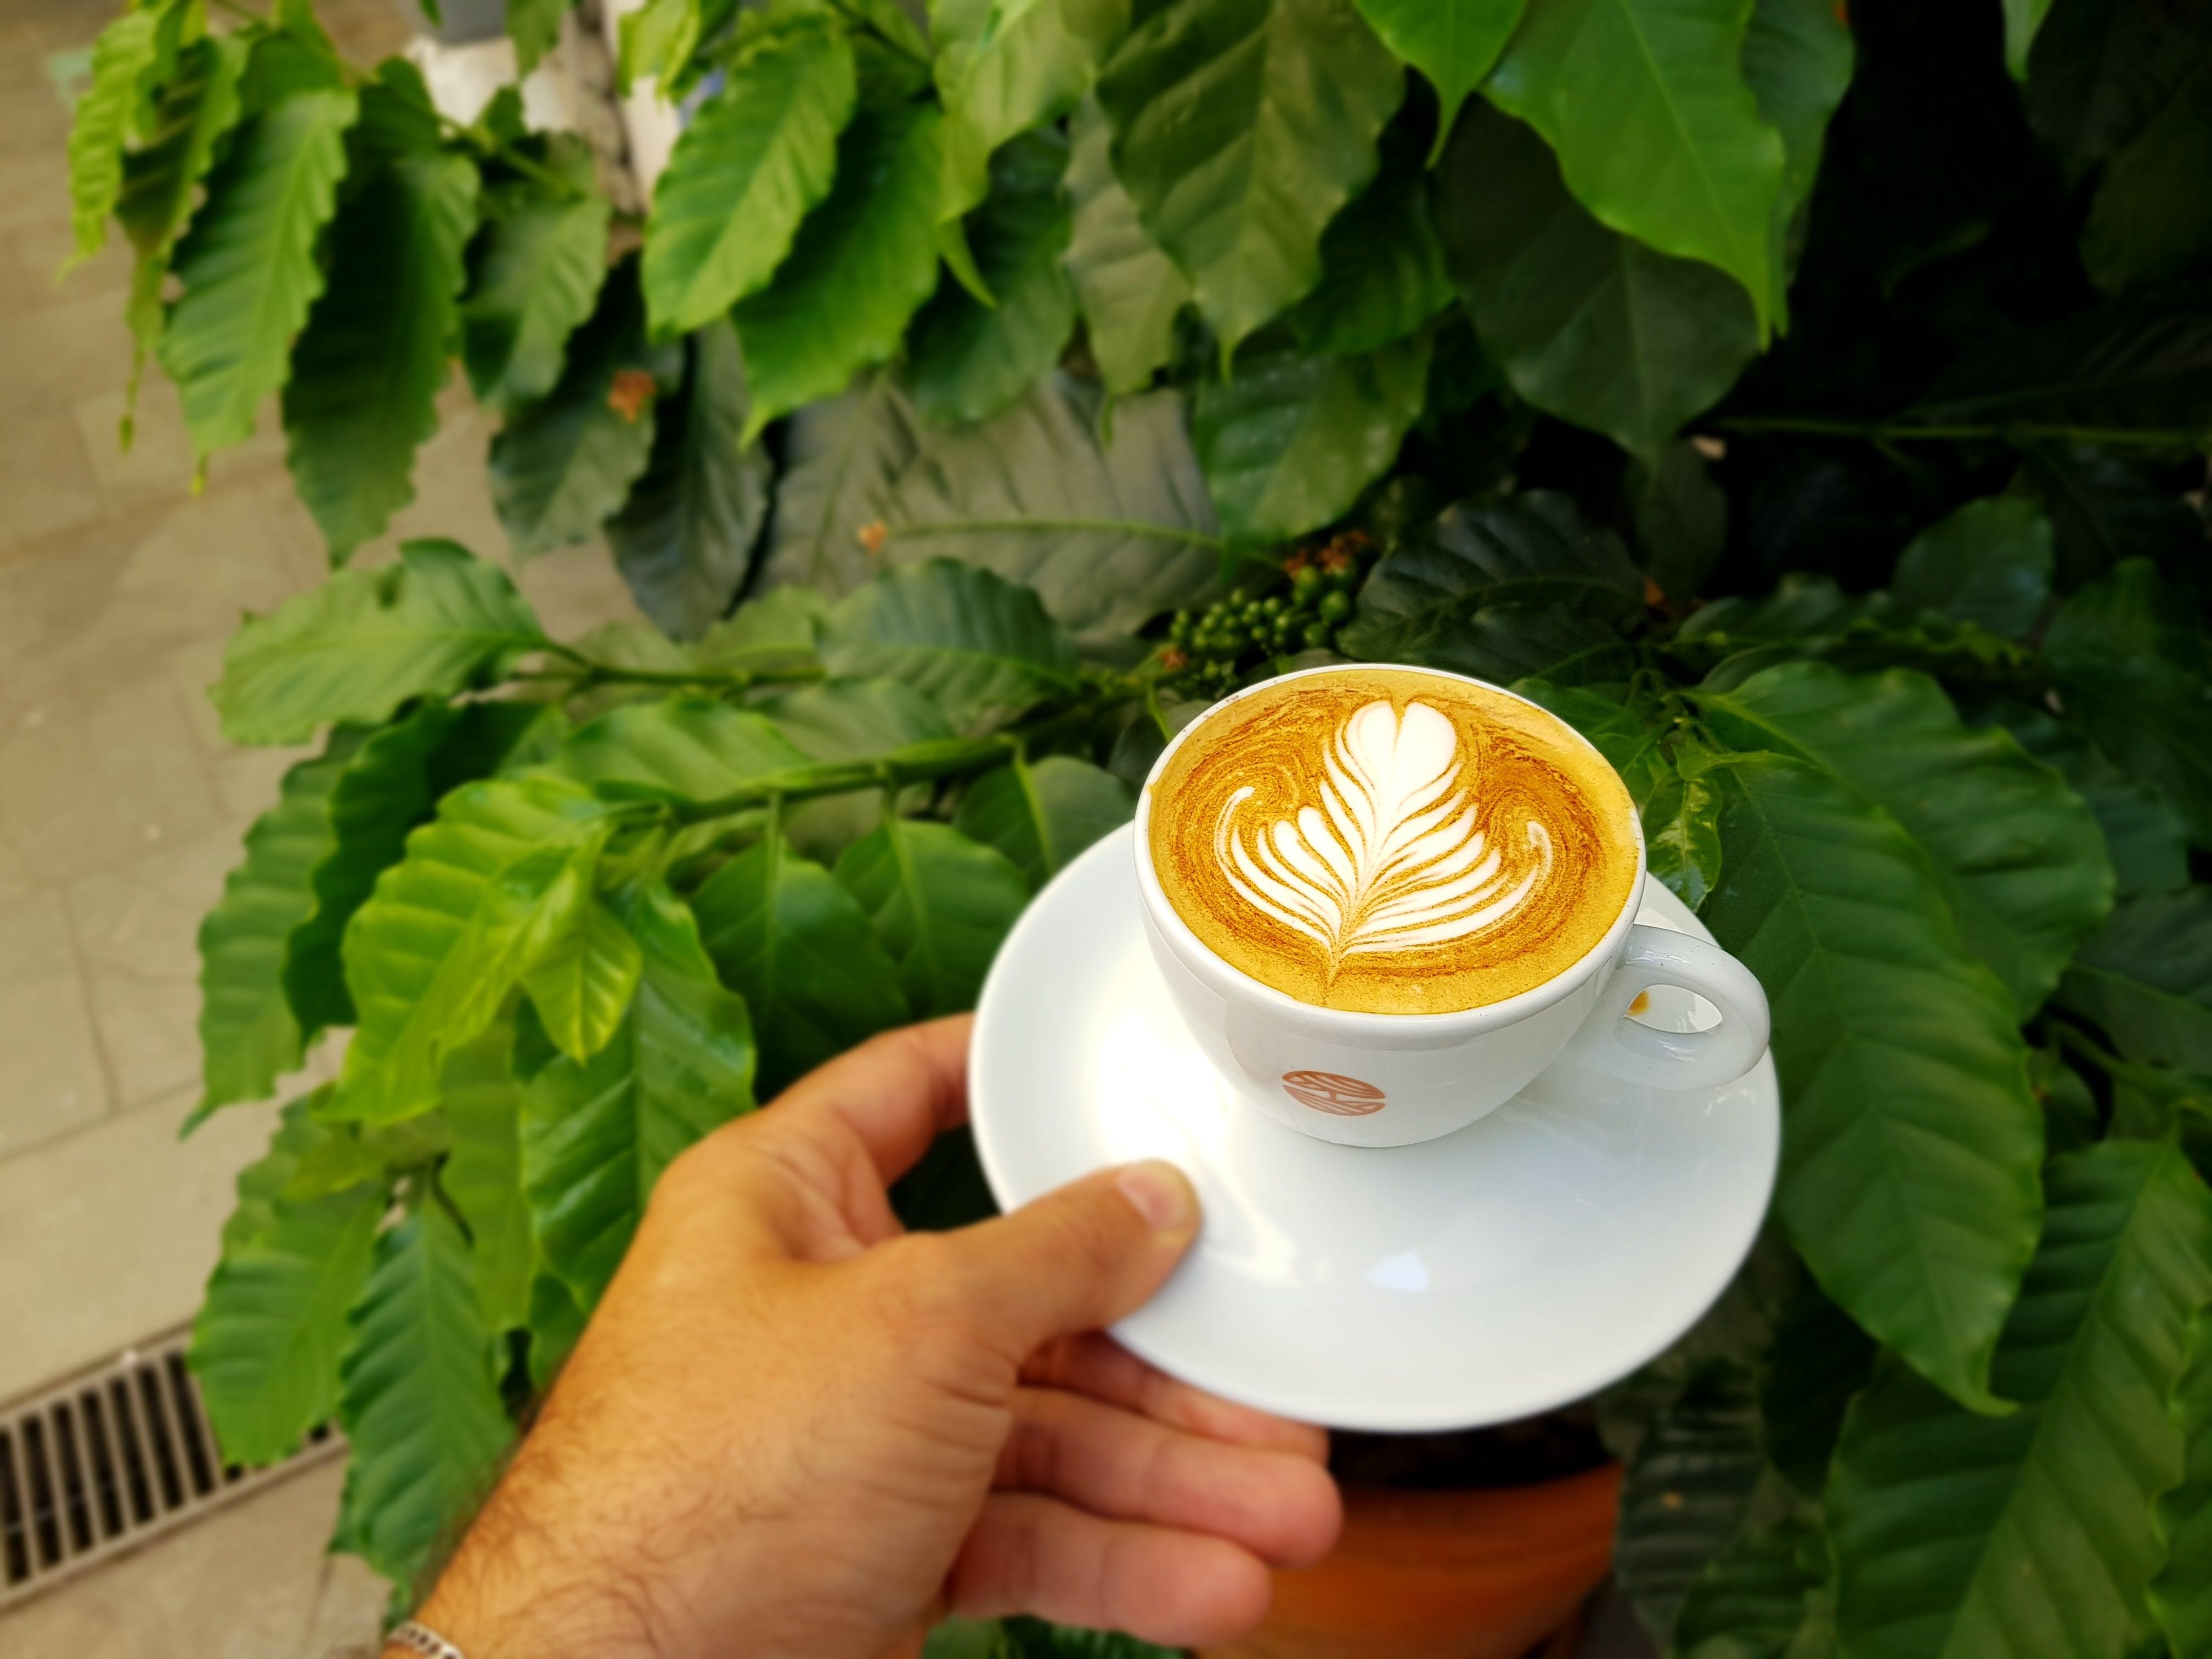 Δωρεάν στοκ φωτογραφιών με latte art, αναψυκτικό, ζεστός, καπουτσίνο